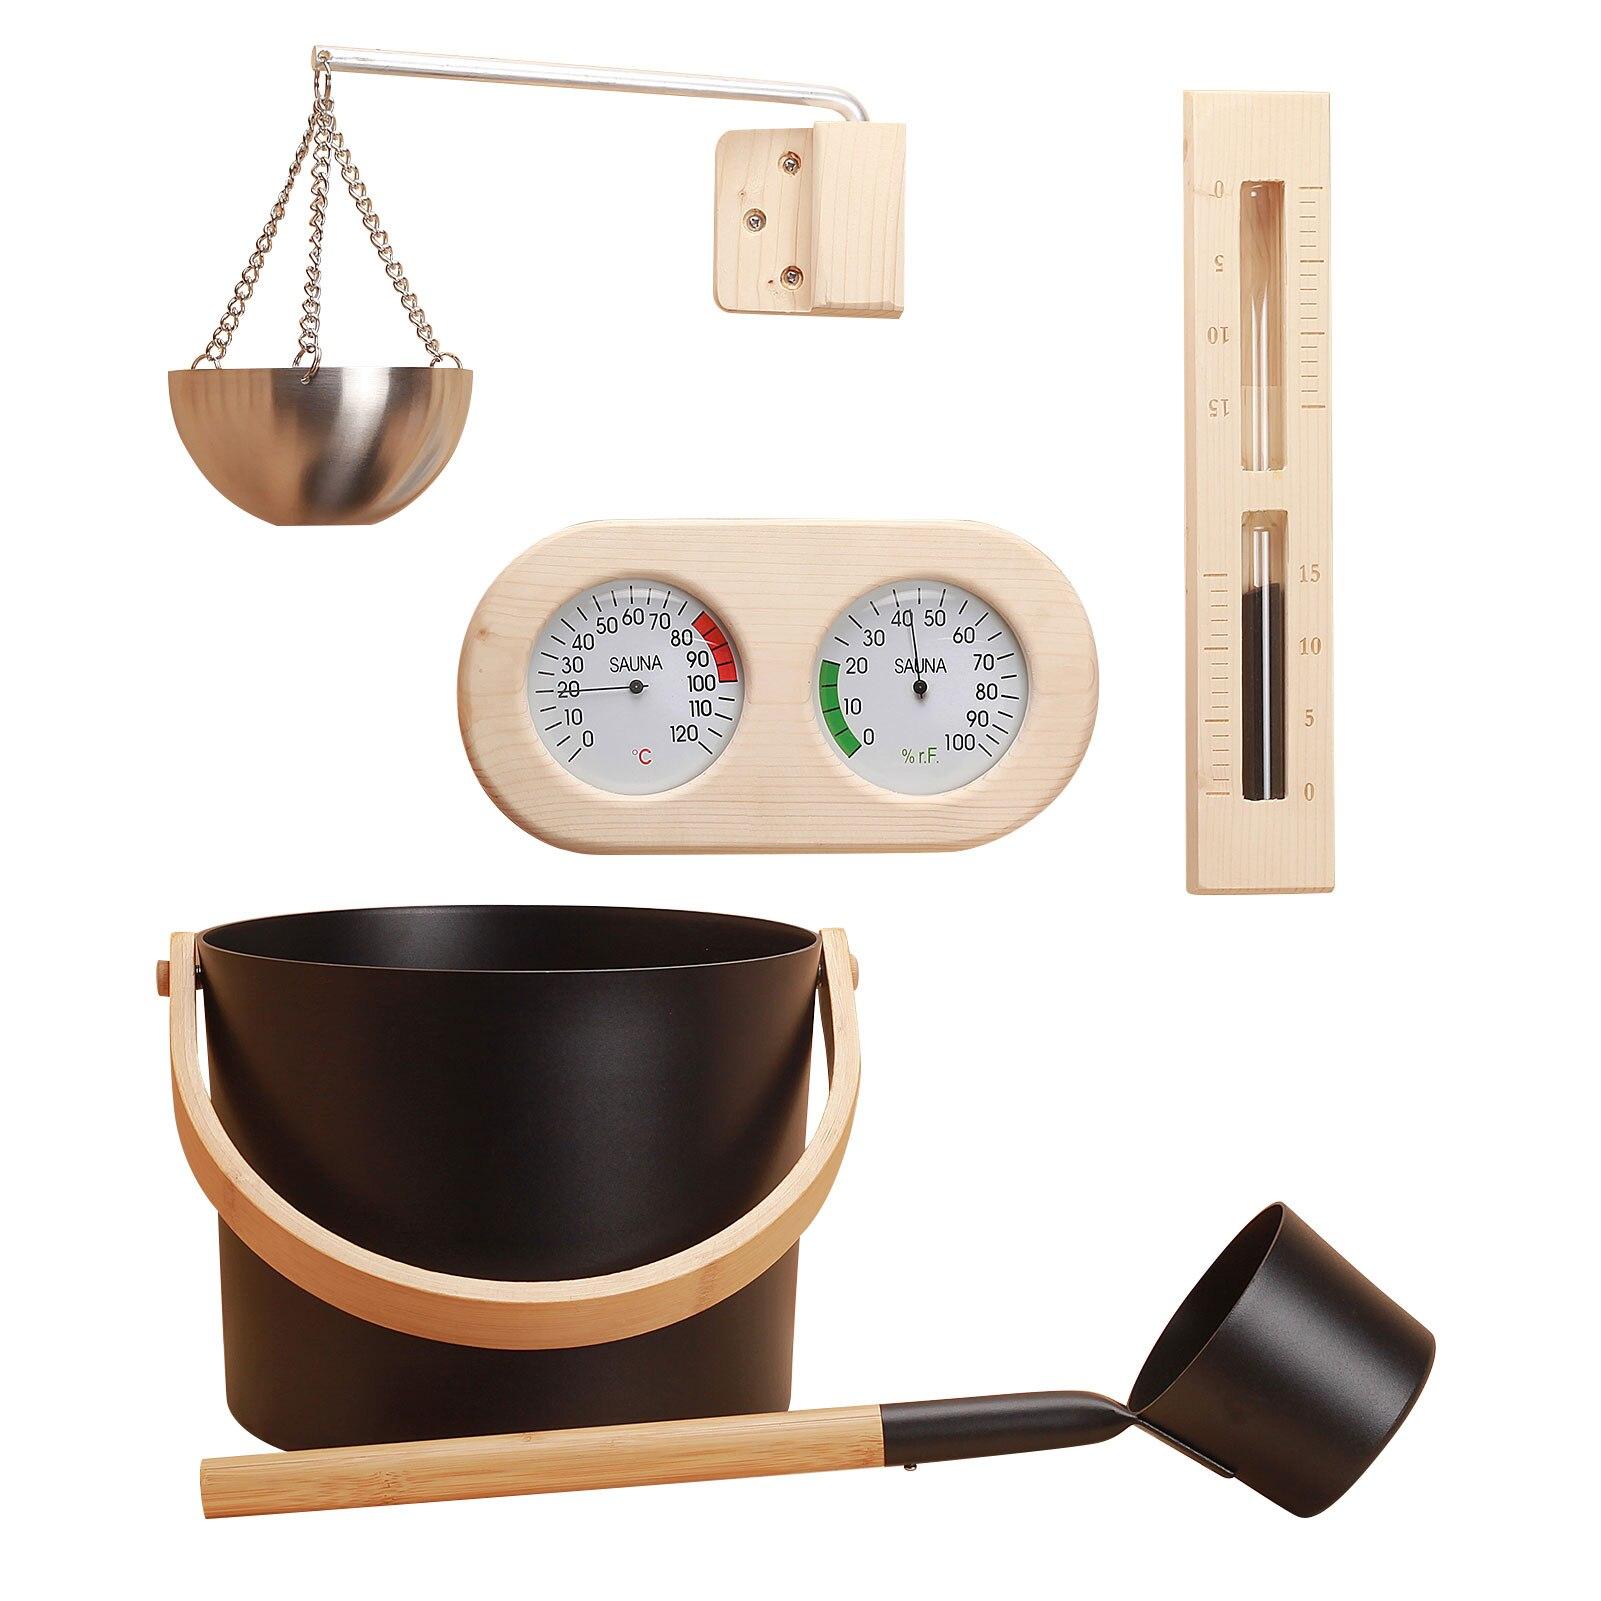 مجموعة معدات الساونا ، برميل خشبي ، مقياس درجة الحرارة والرطوبة ، ساعة رملية ، غرفة بخار ، ملحقات ساونا